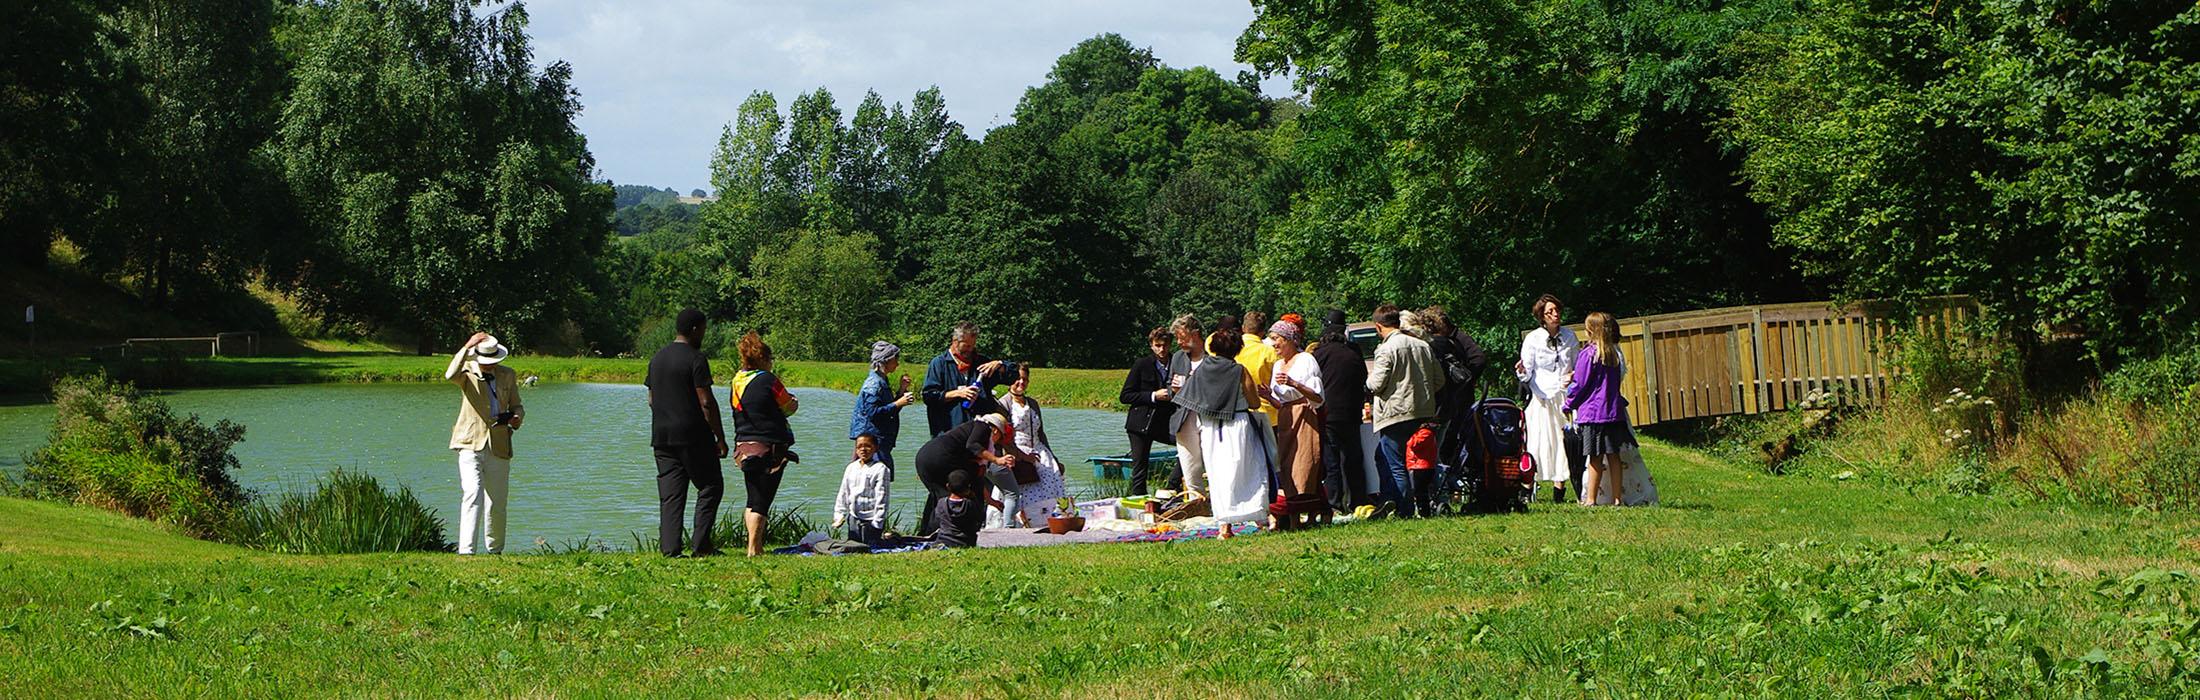 Retrouvez les dates d'ouverture des loisirs et activités du Pays de Vire après le confinement       1